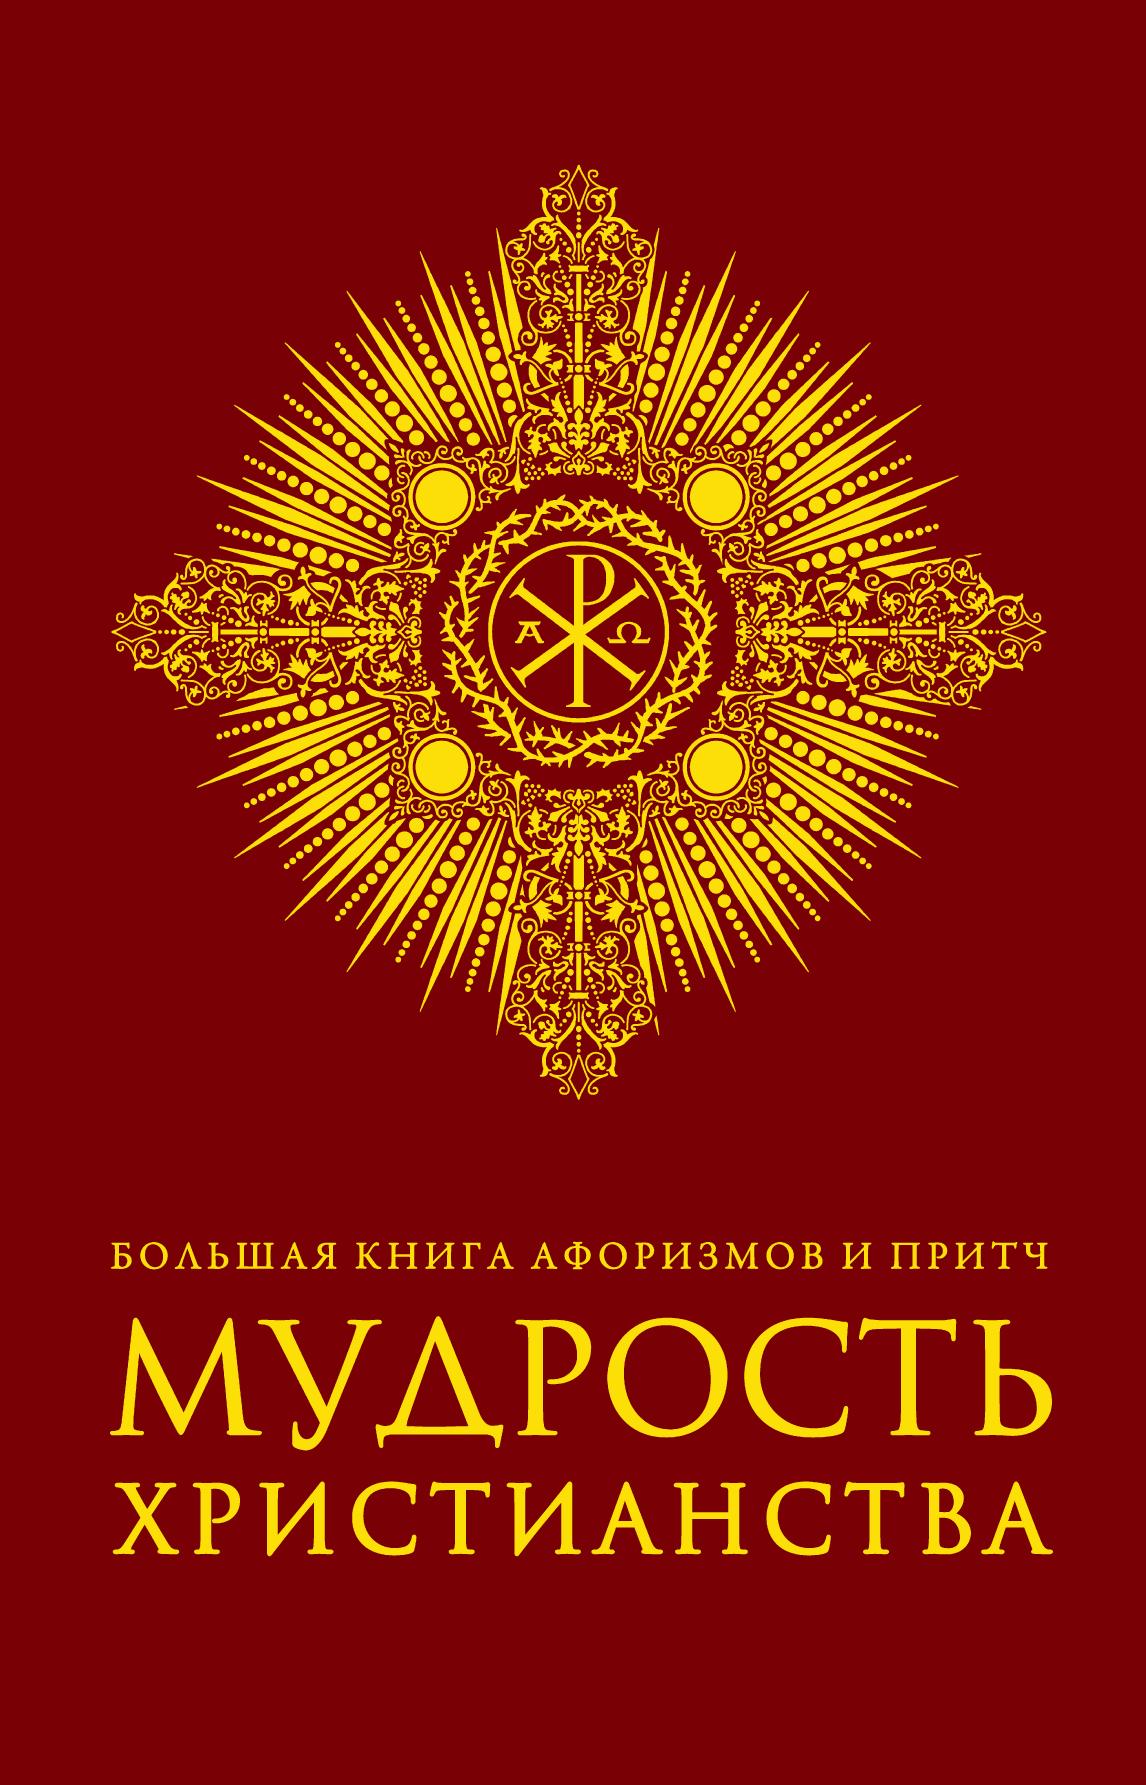 Большая книга афоризмов и притч: Мудрость христианства (бордовая)